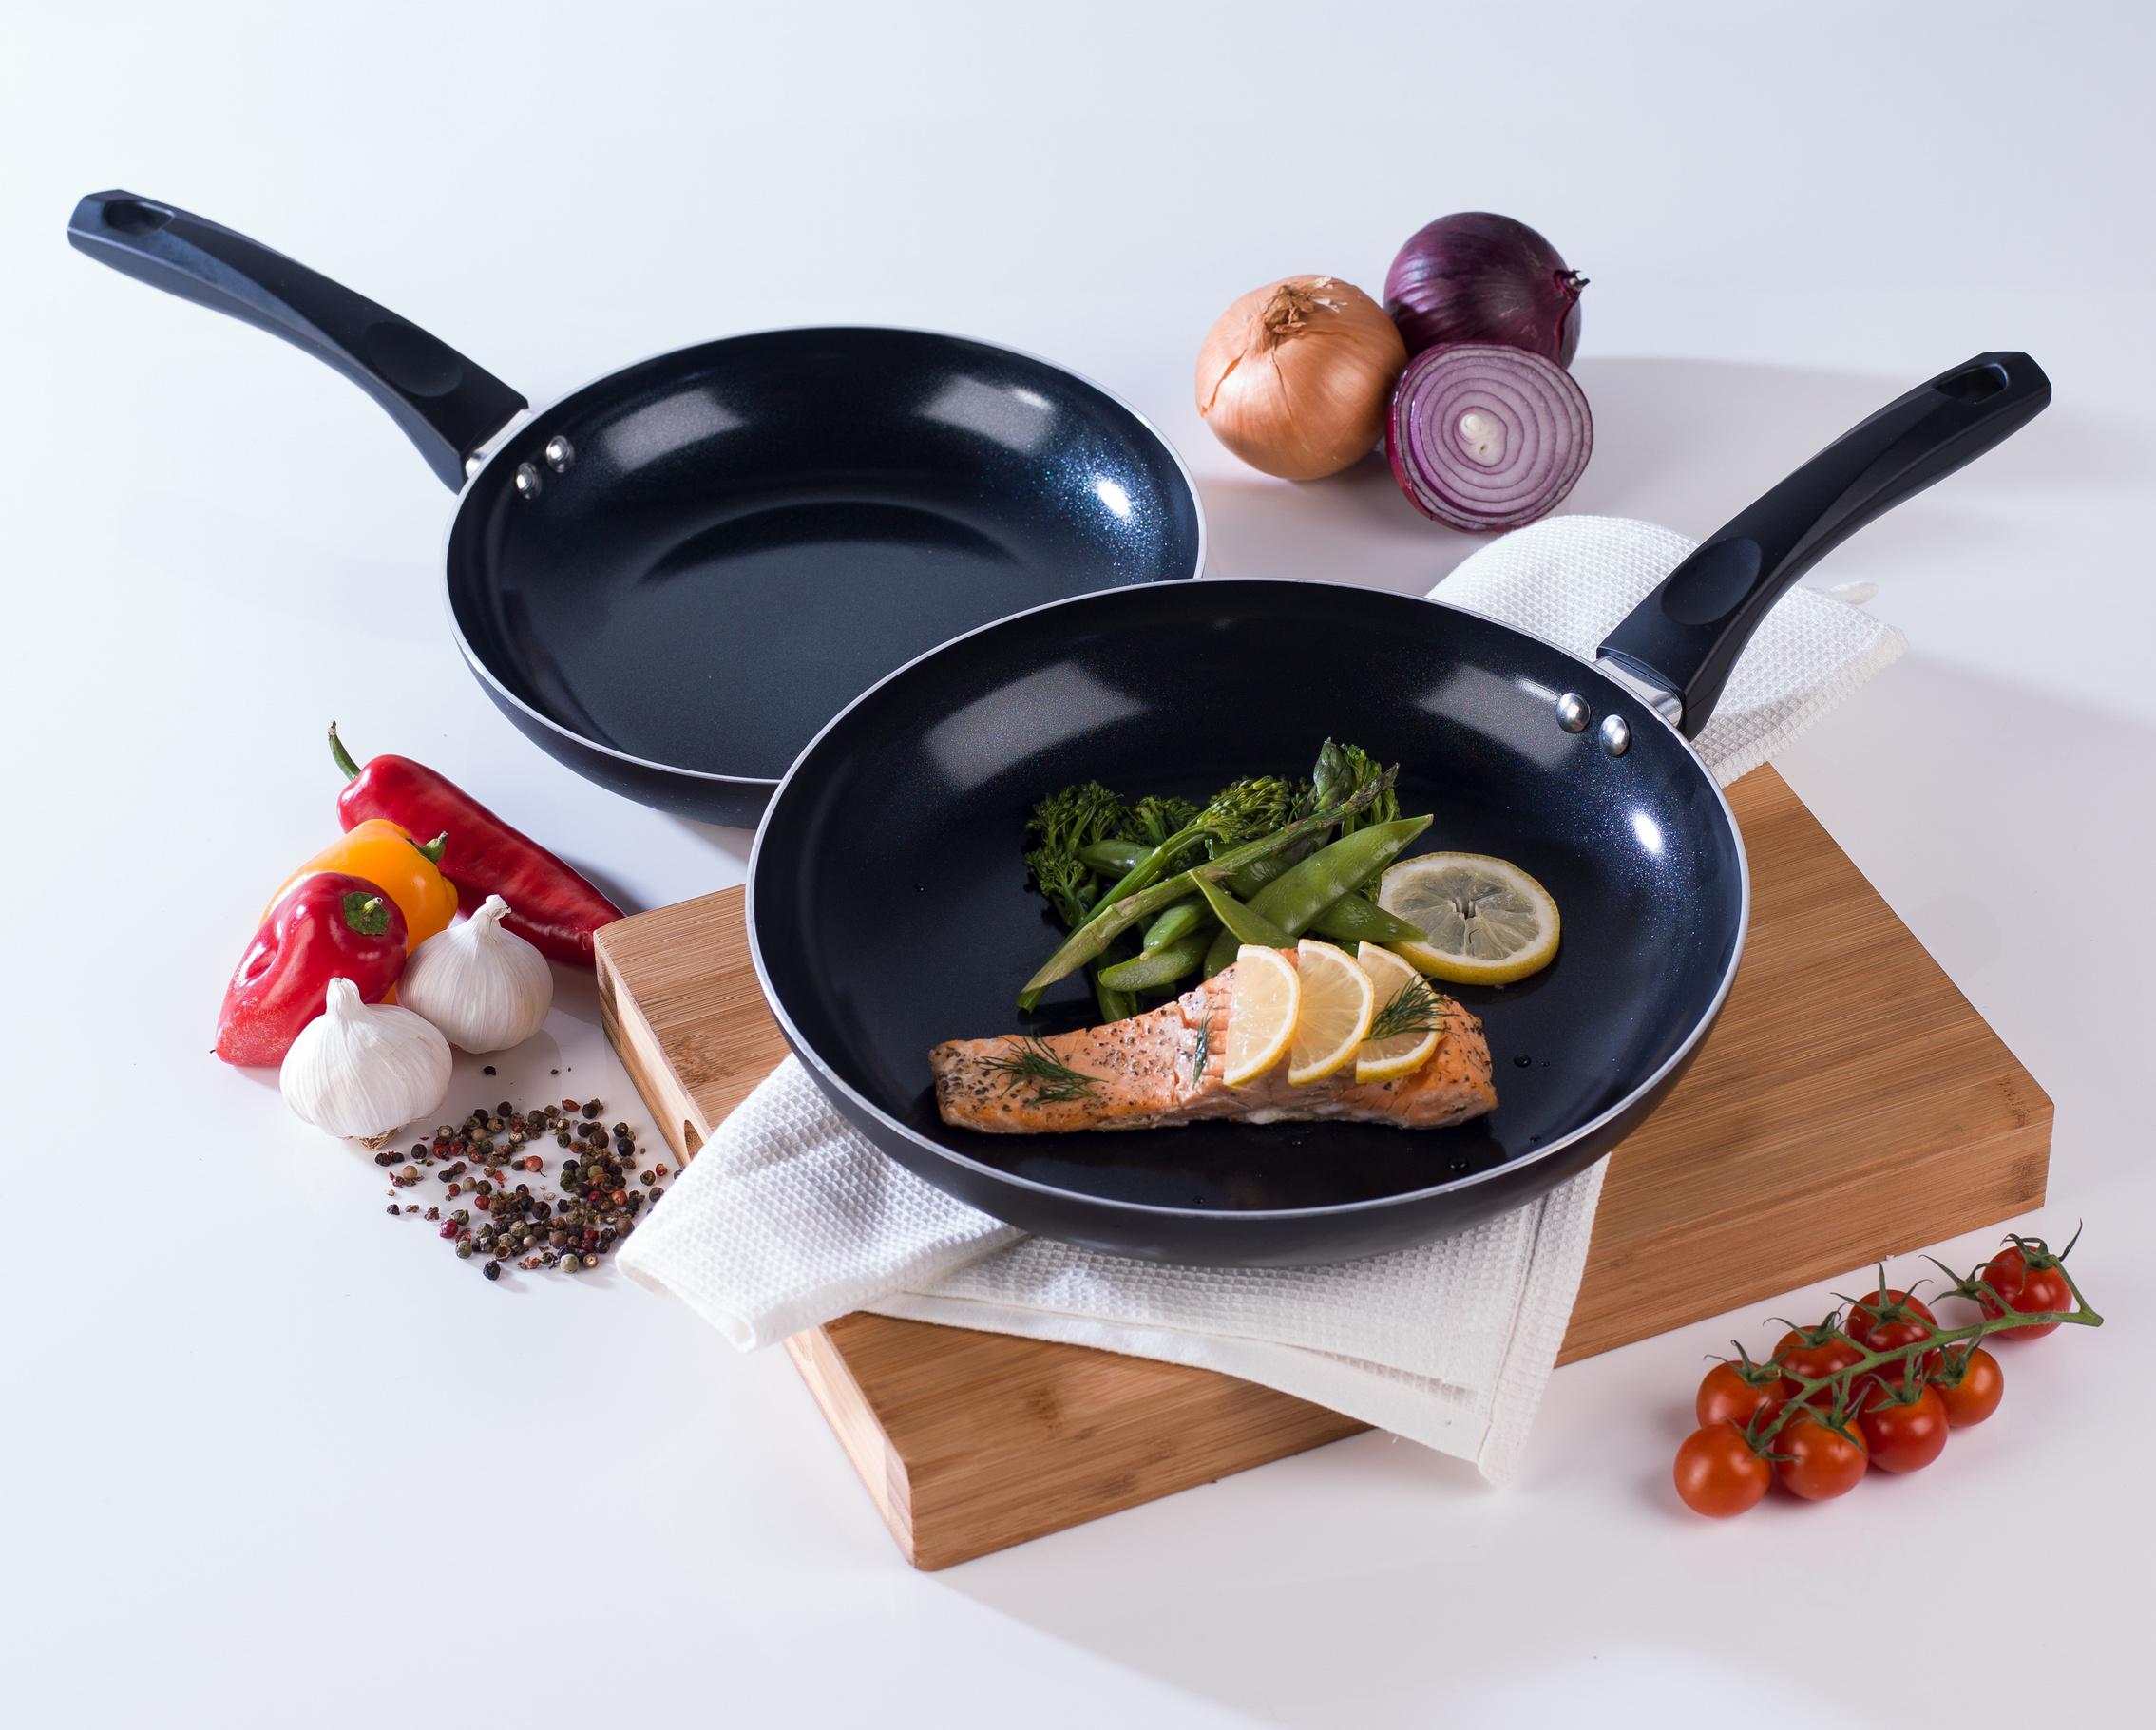 Фото сковороды с едой